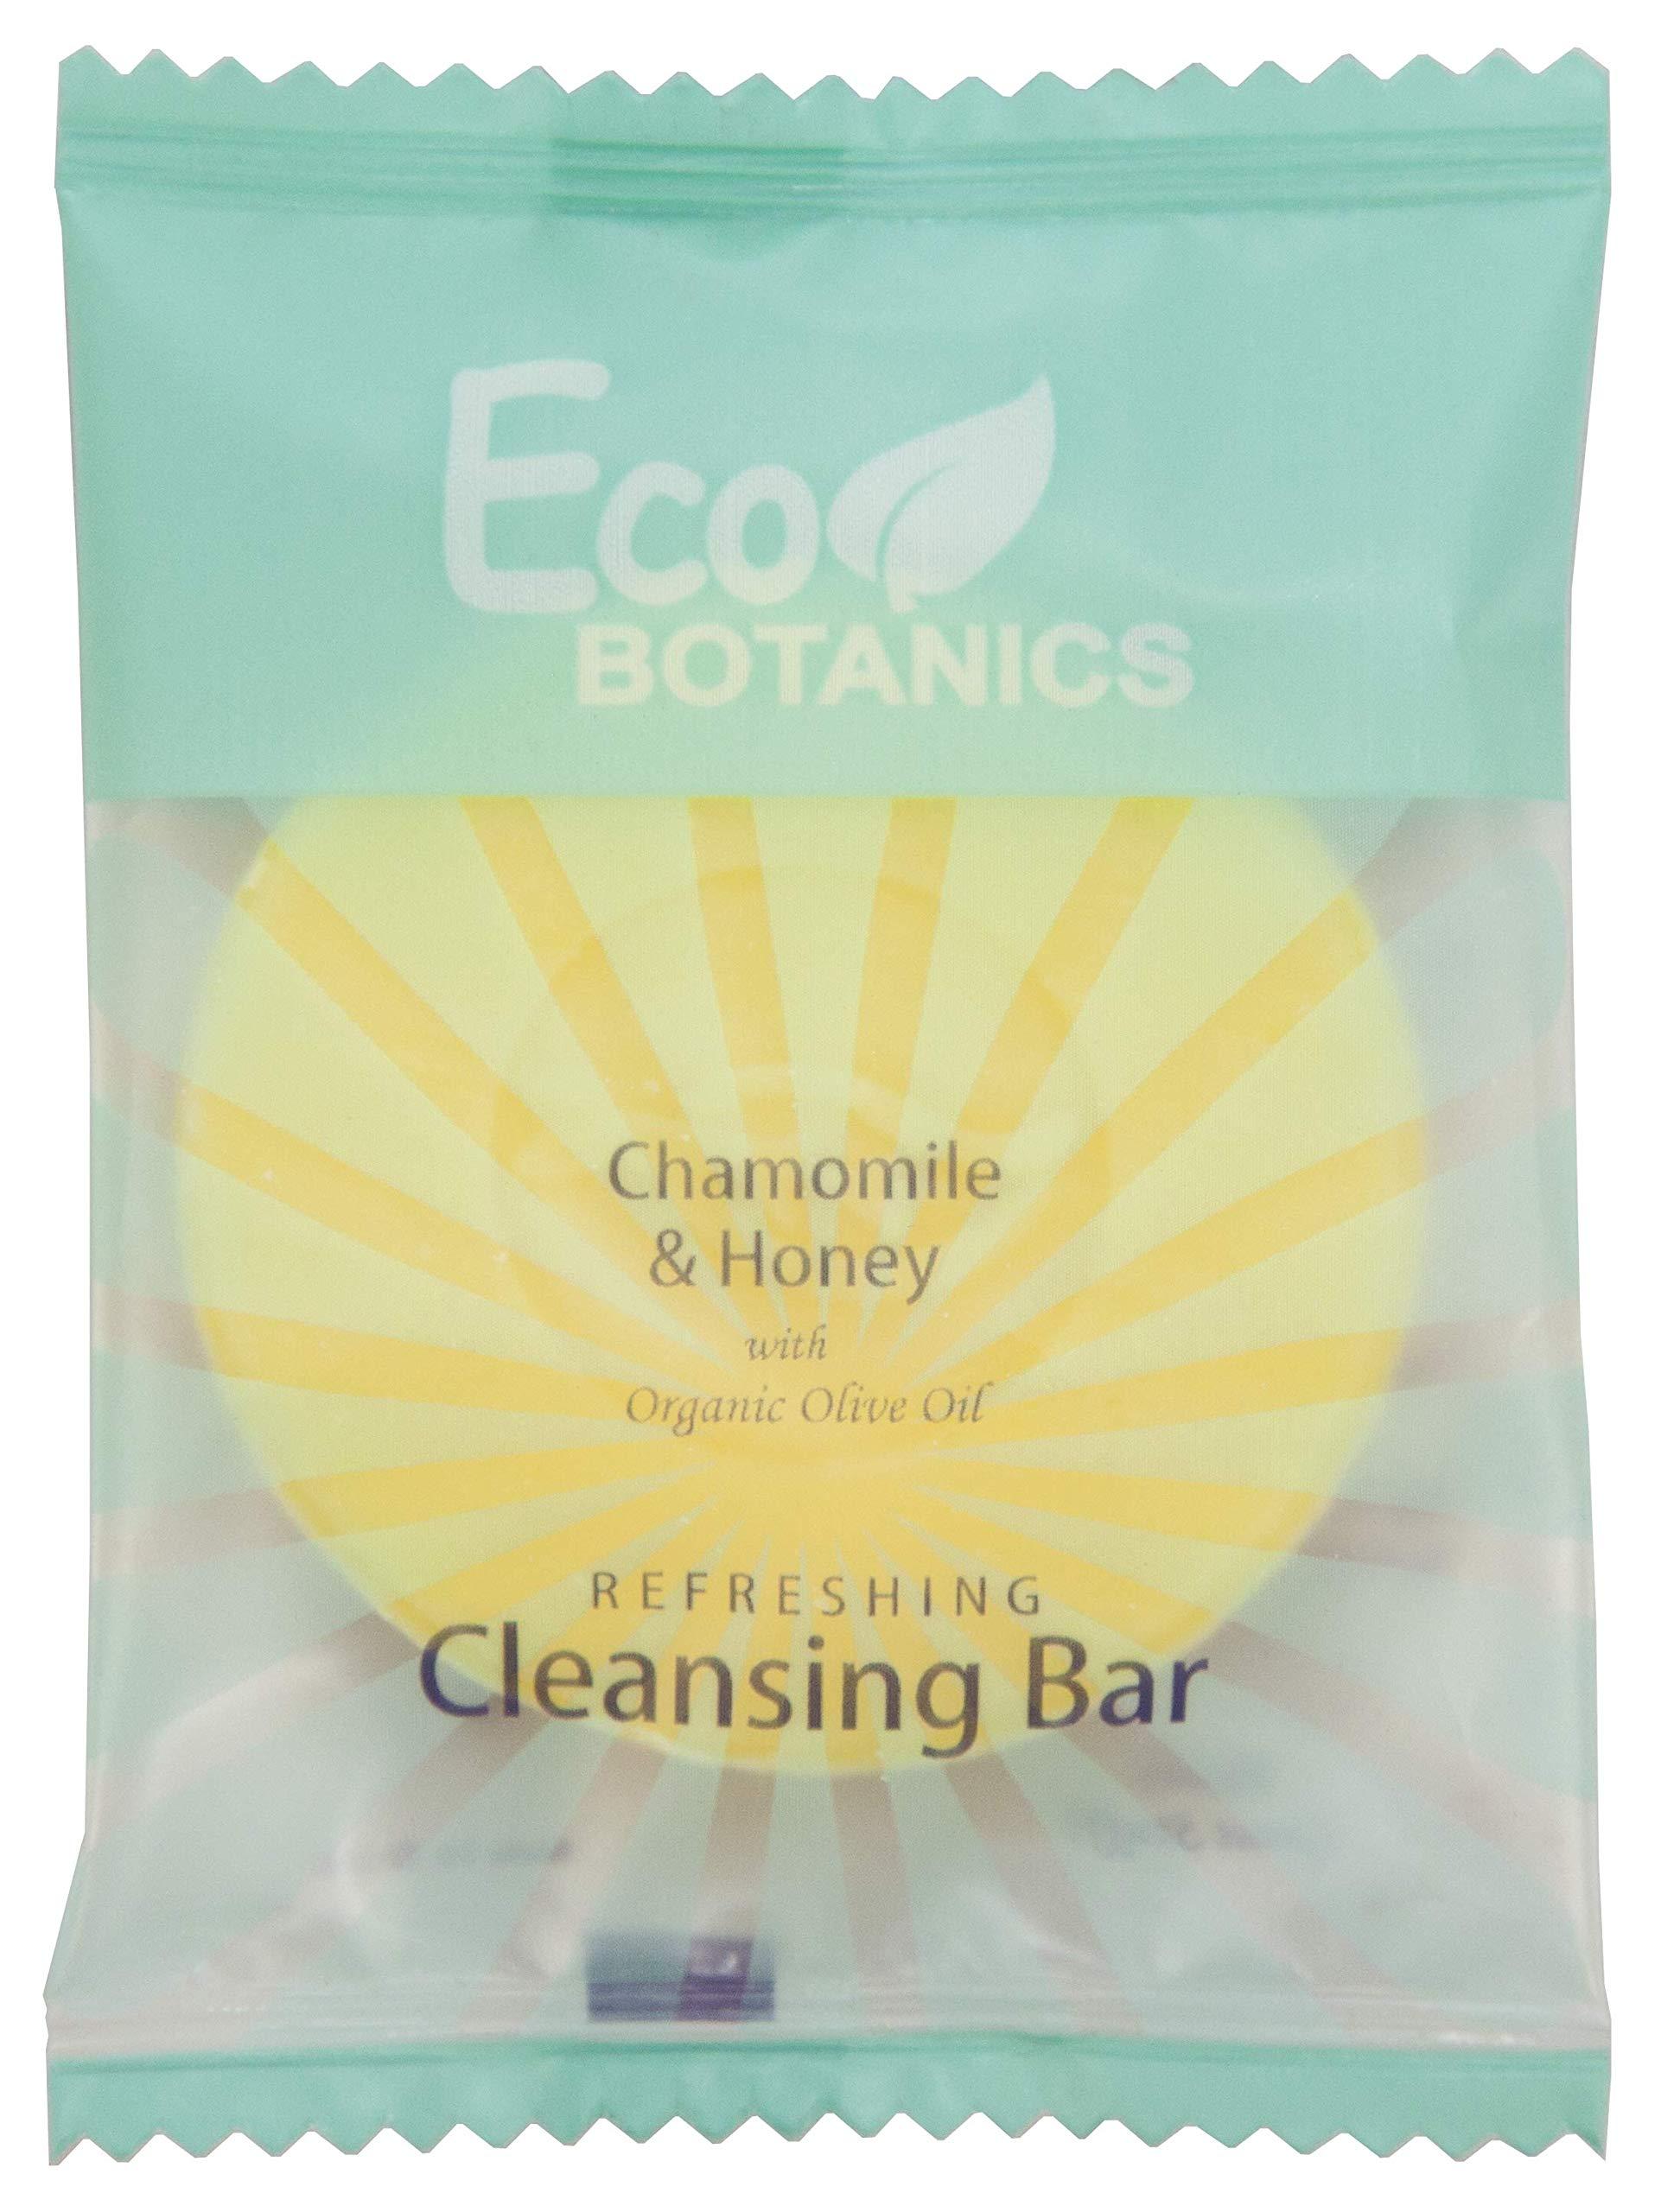 Eco Botanics Travel-Size Hotel Cleansing Bar Soap, .5 oz (Case of 250) by Eco Botanics (Image #3)